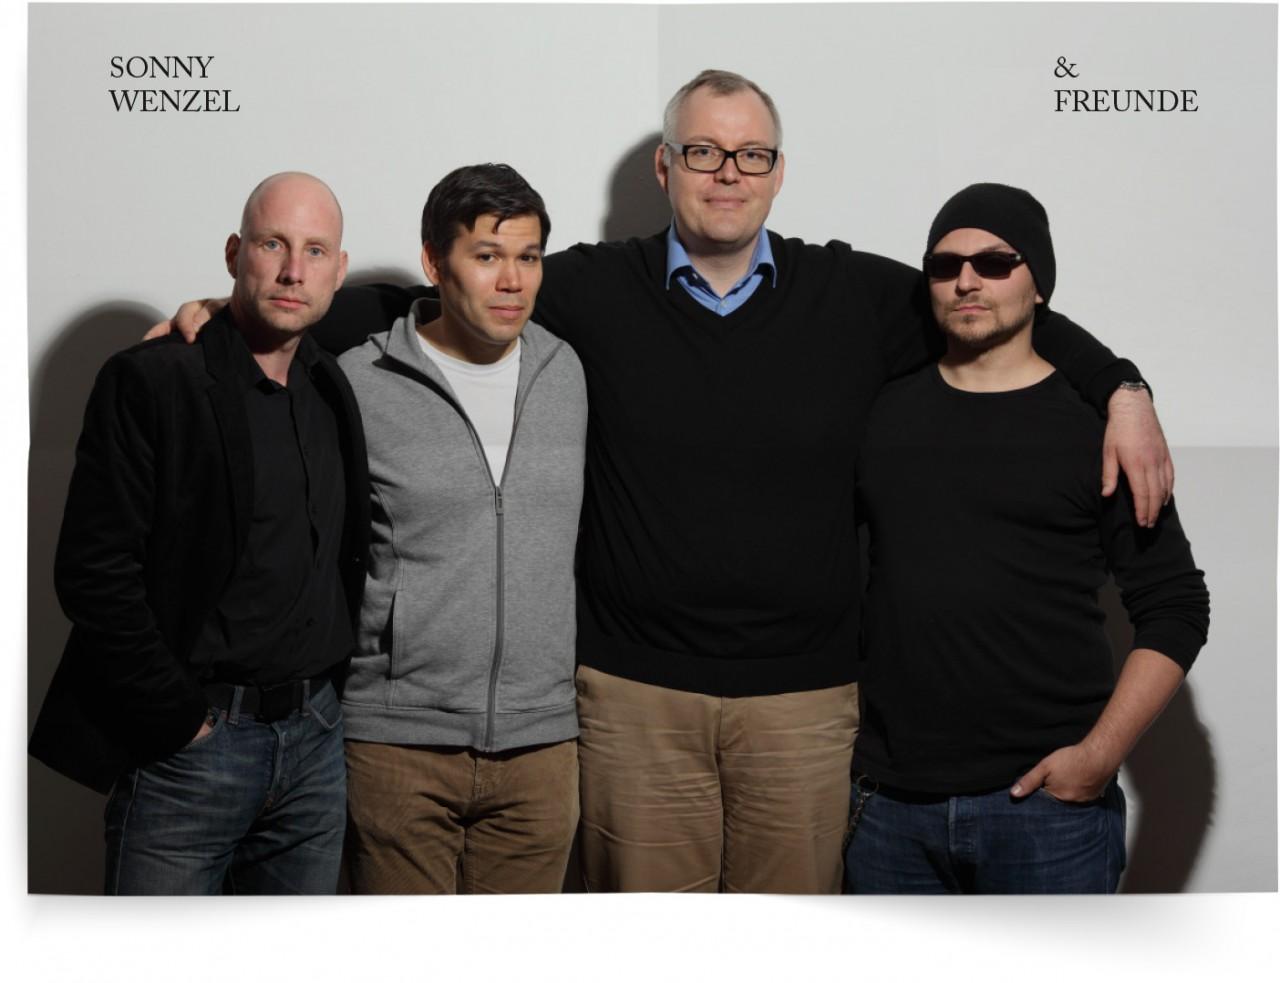 BUREAU KUEPPERS Identitätsentwicklung für Sonny Wenzel & Freunde